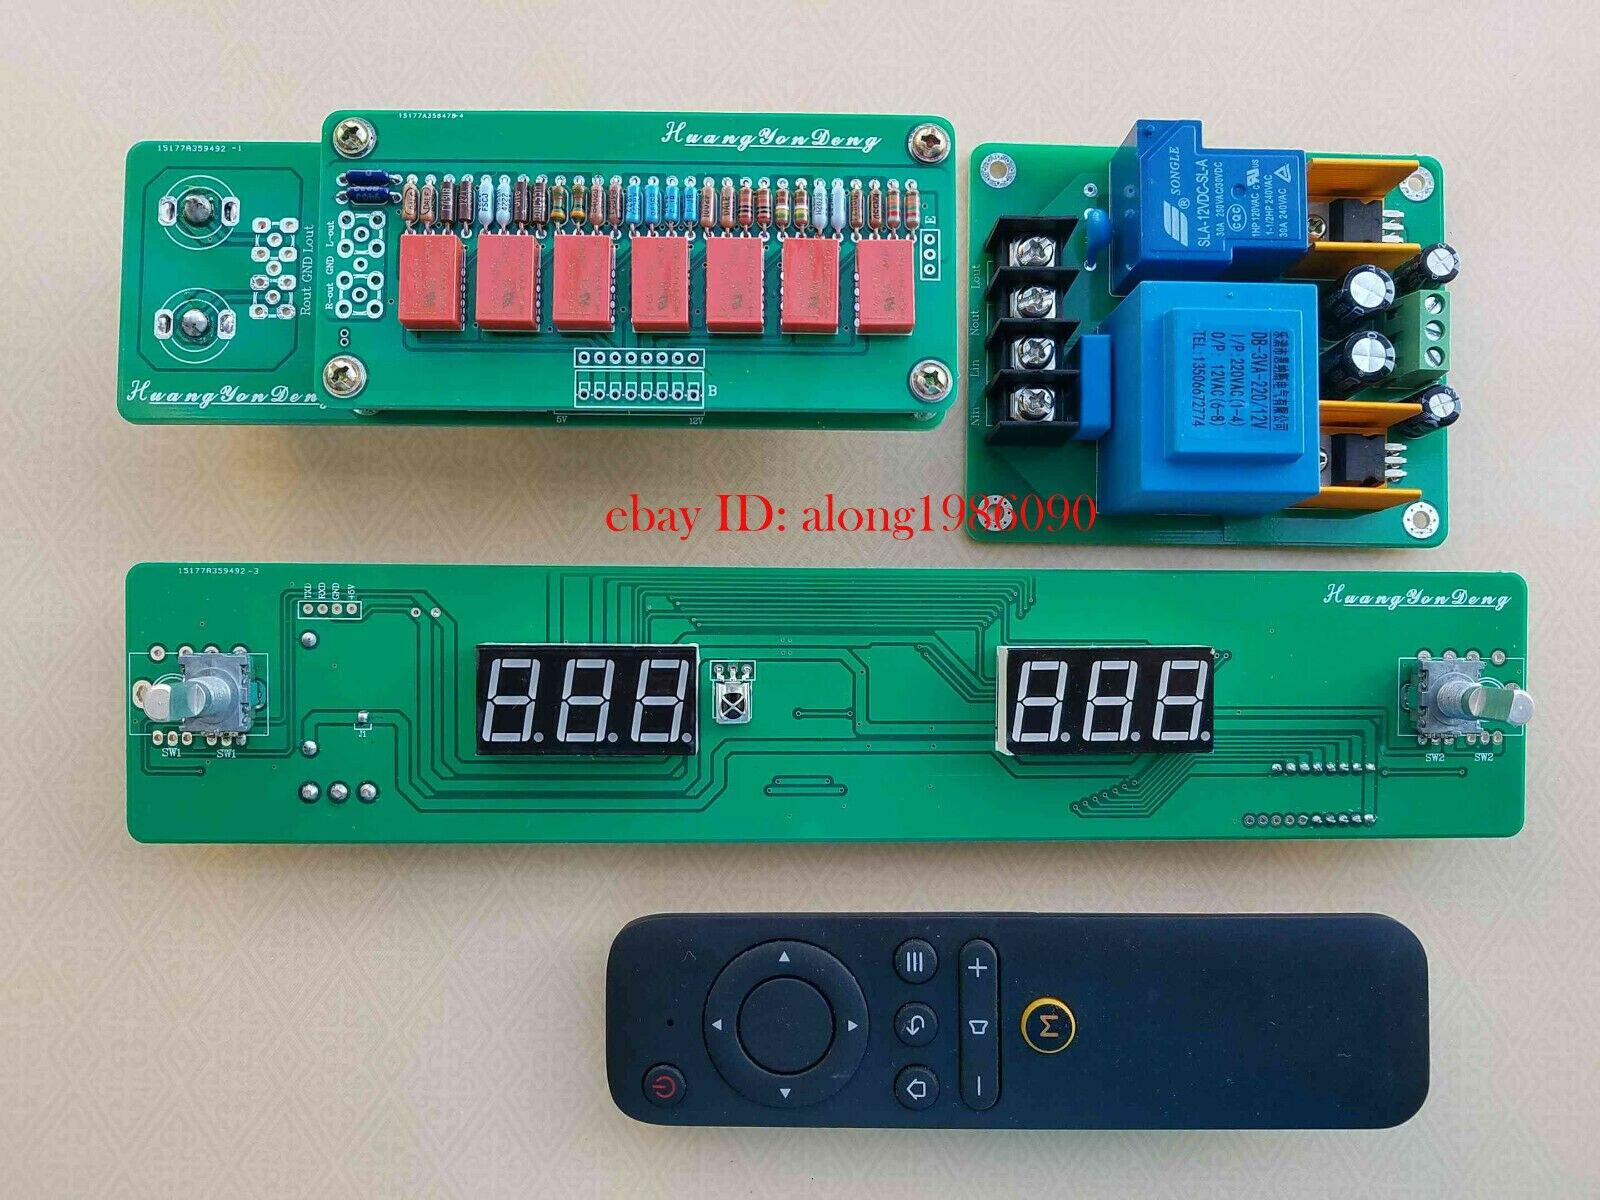 DIYERZONE Hiend 128 pasos Control remoto de volumen tablero relé pura resistencia Shunt L14-24